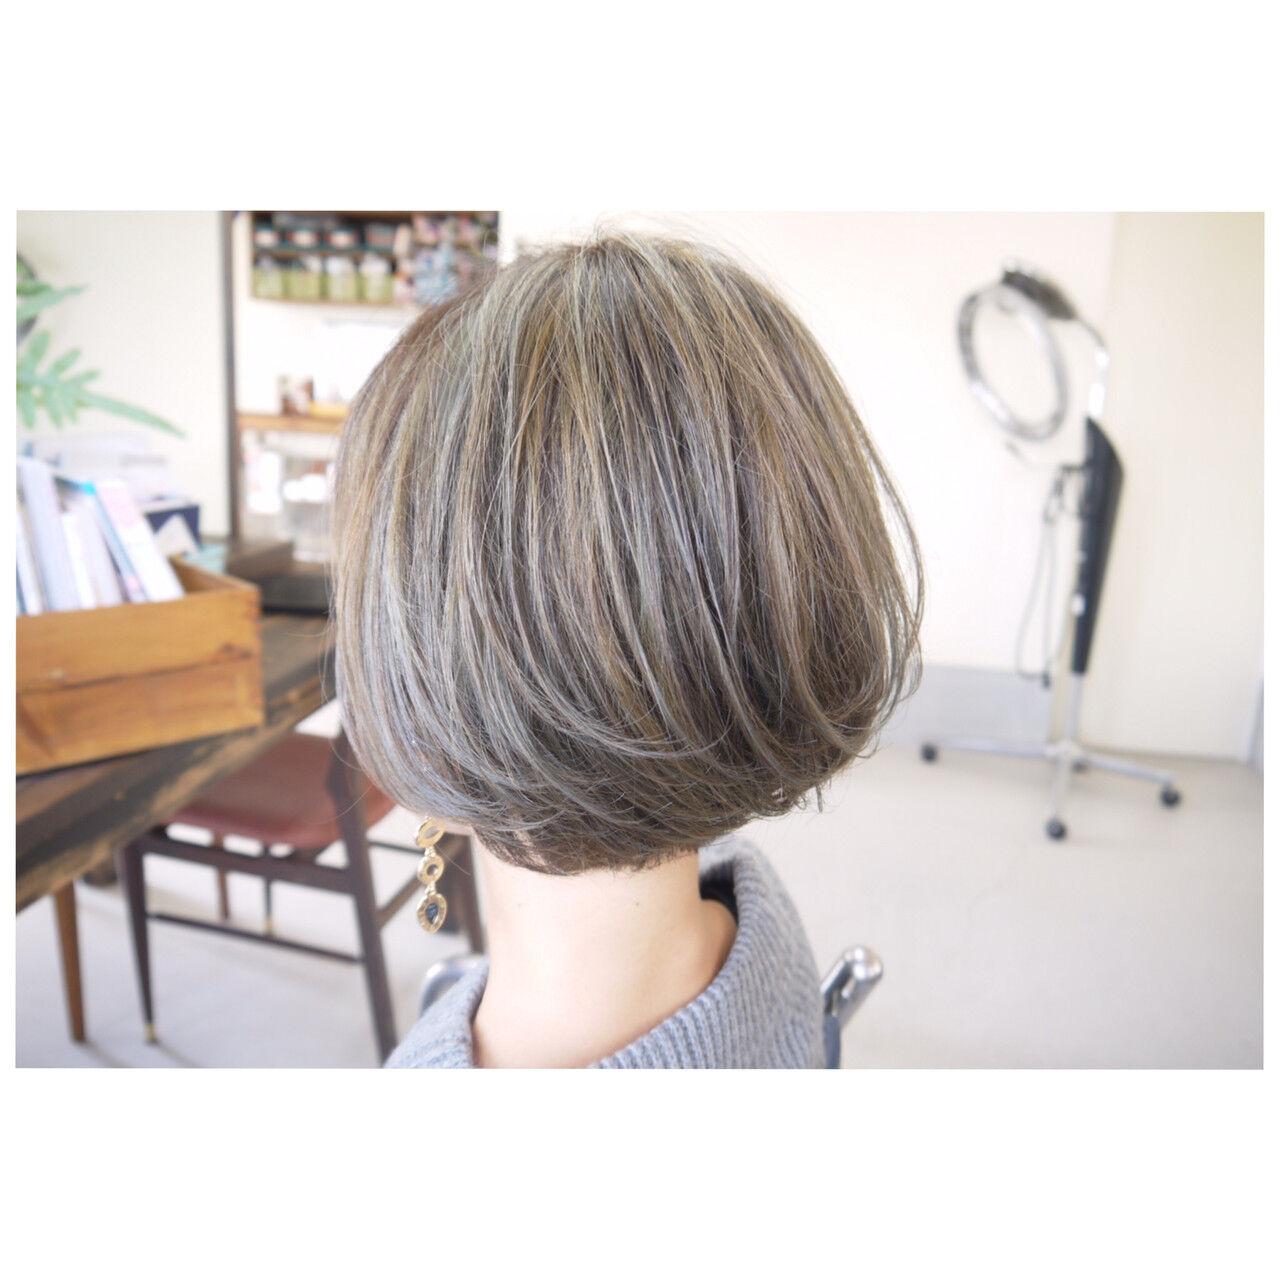 ナチュラル ハイライト ダブルカラー スライシングハイライトヘアスタイルや髪型の写真・画像